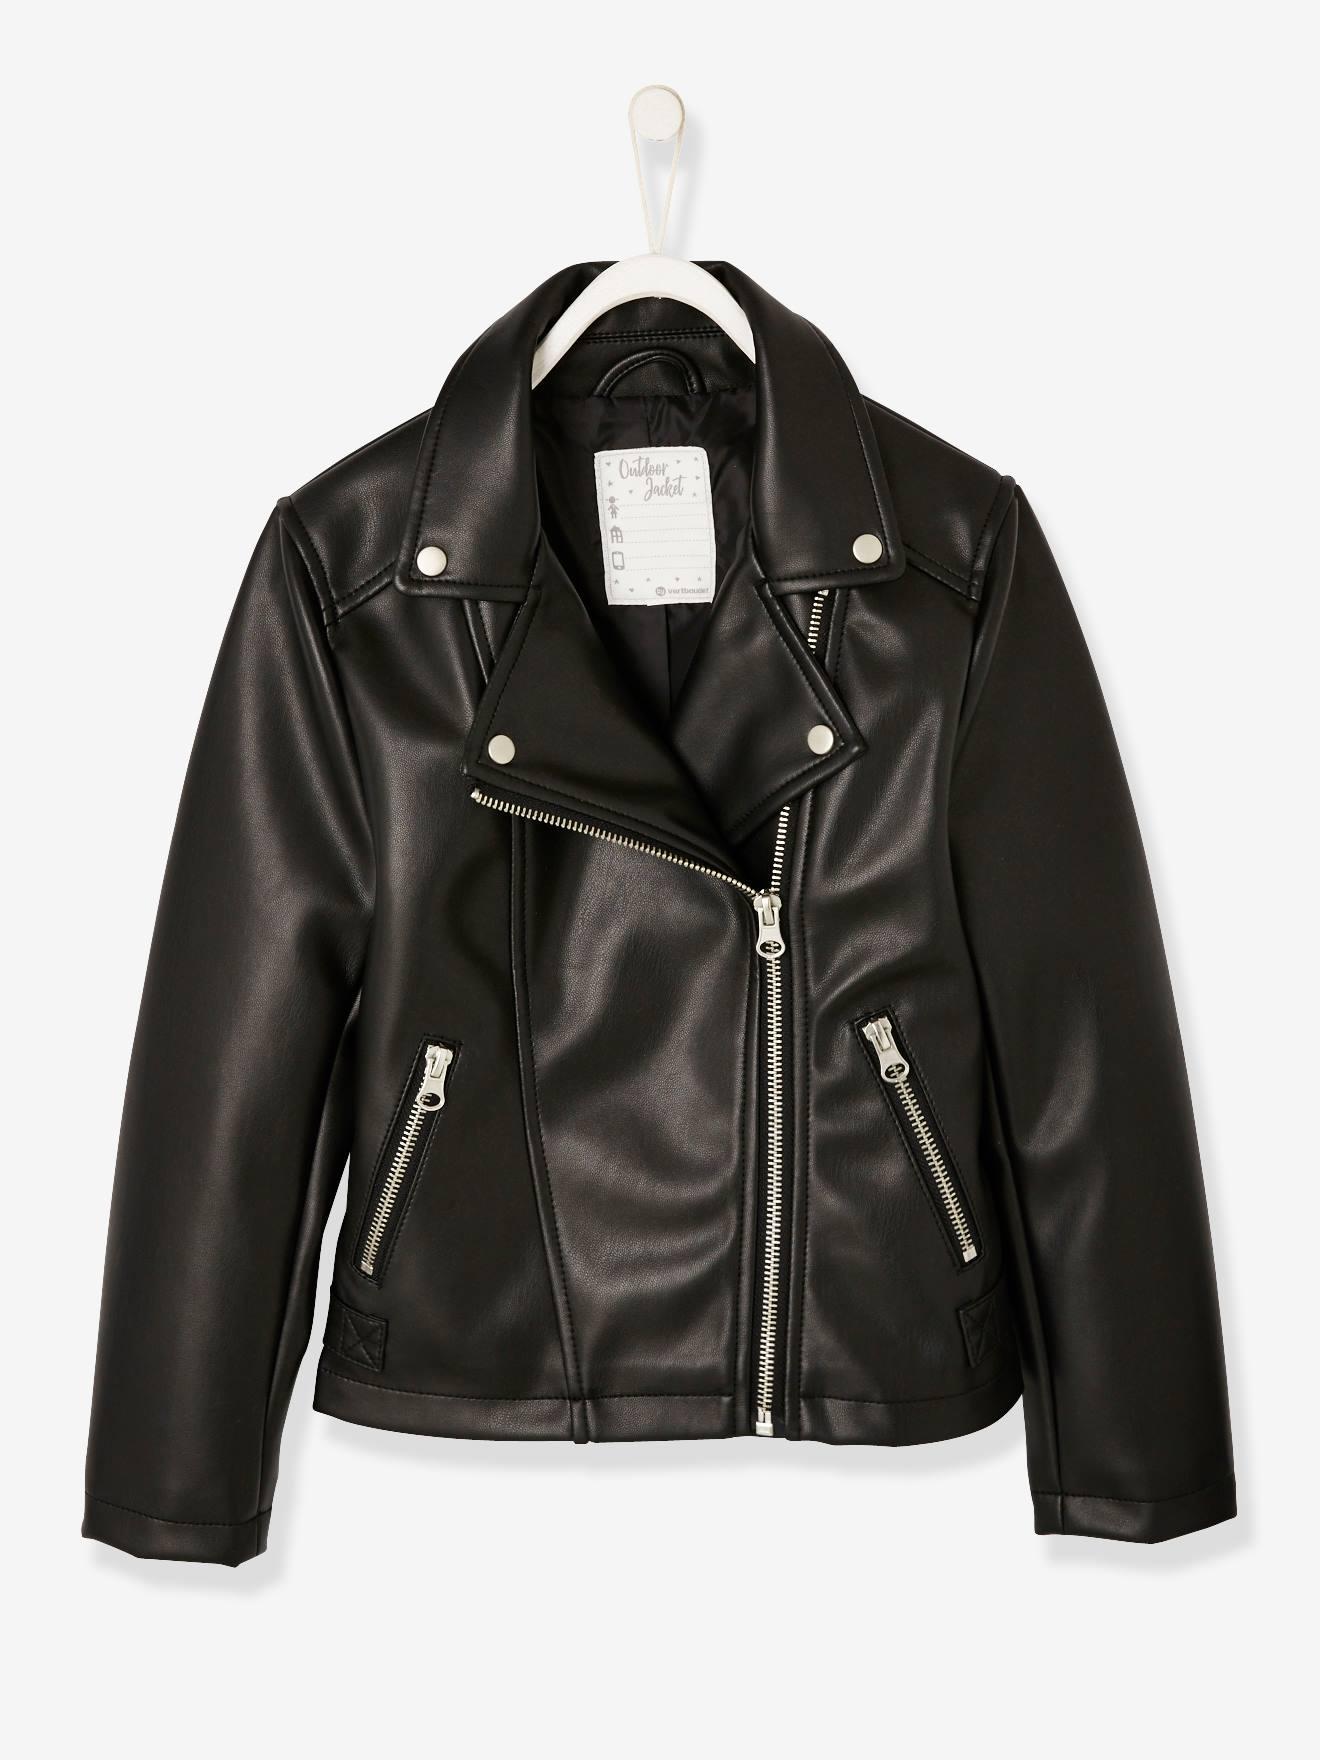 Mädchen Jacken Leder bequem online aussuchen vertbaudet